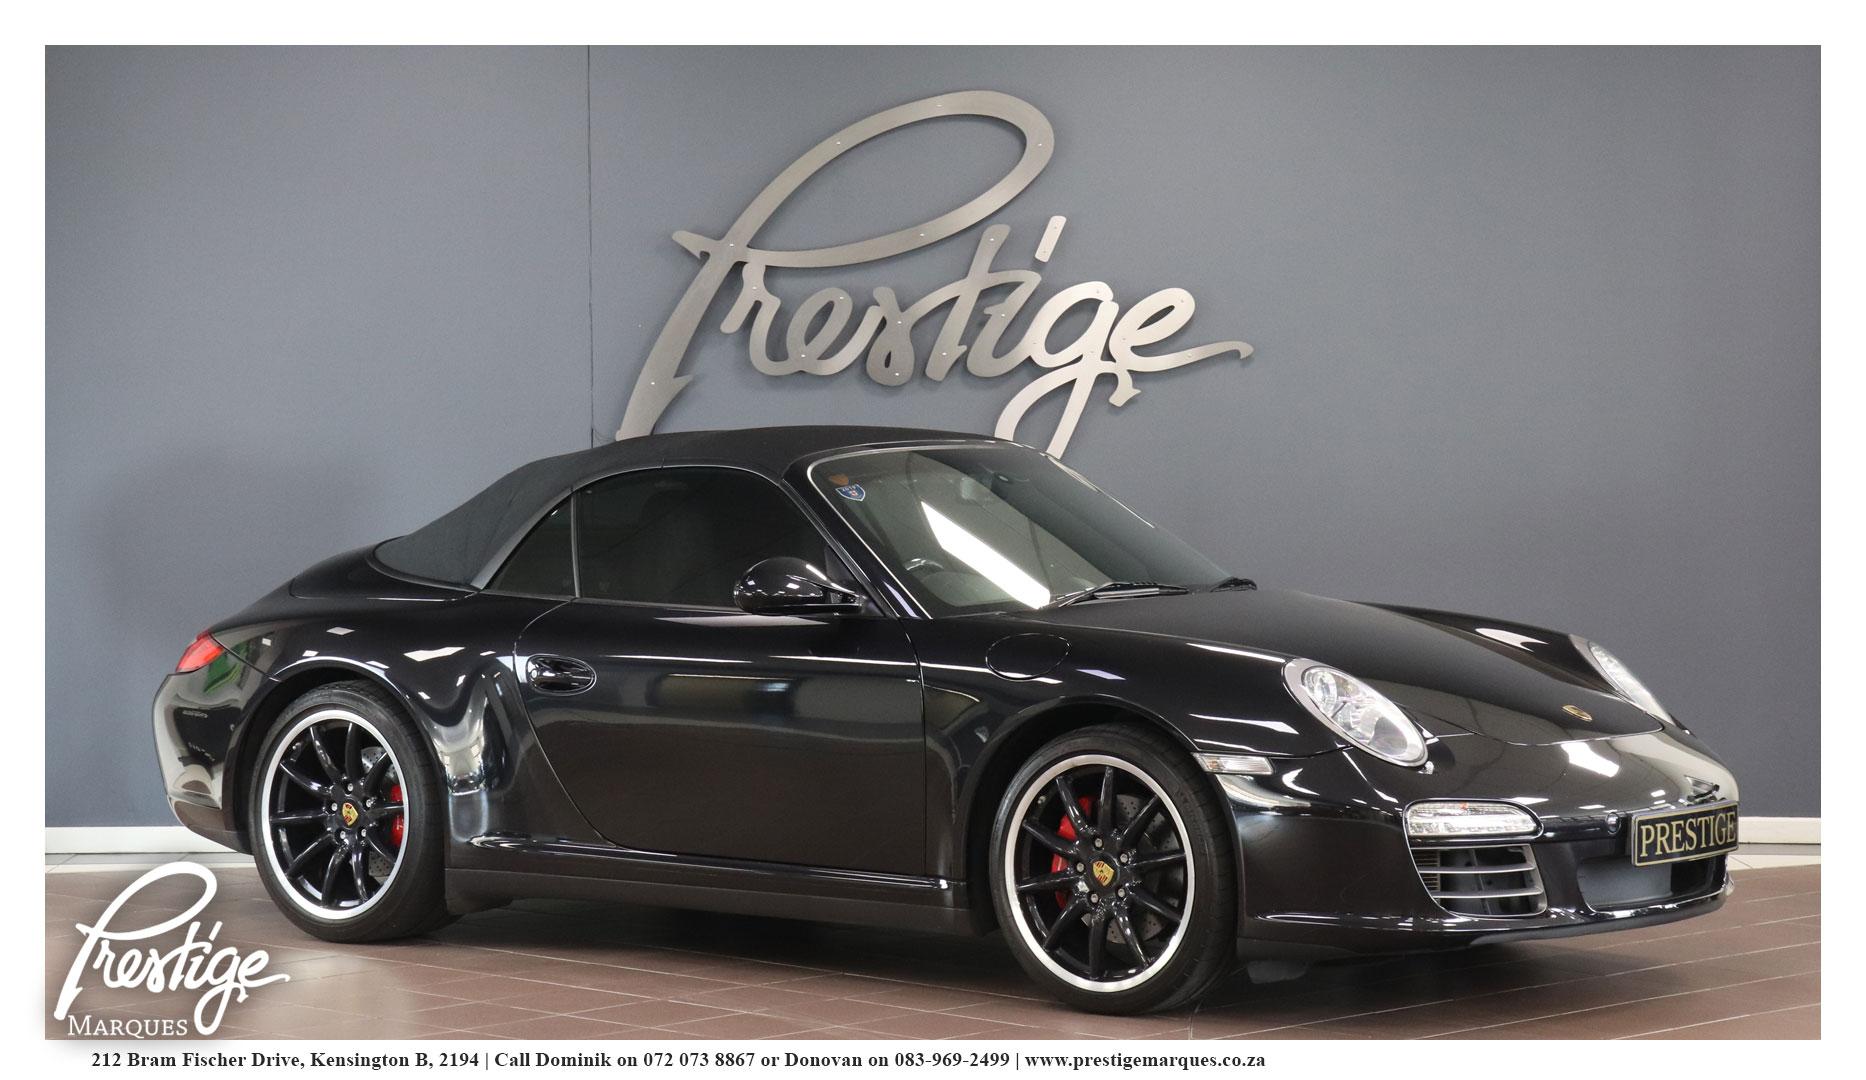 2009-Porsche-911- (997.2)-Carrera-4s-PDK Cabriolet-Prestige-Marques-Randburg-Sandton-2